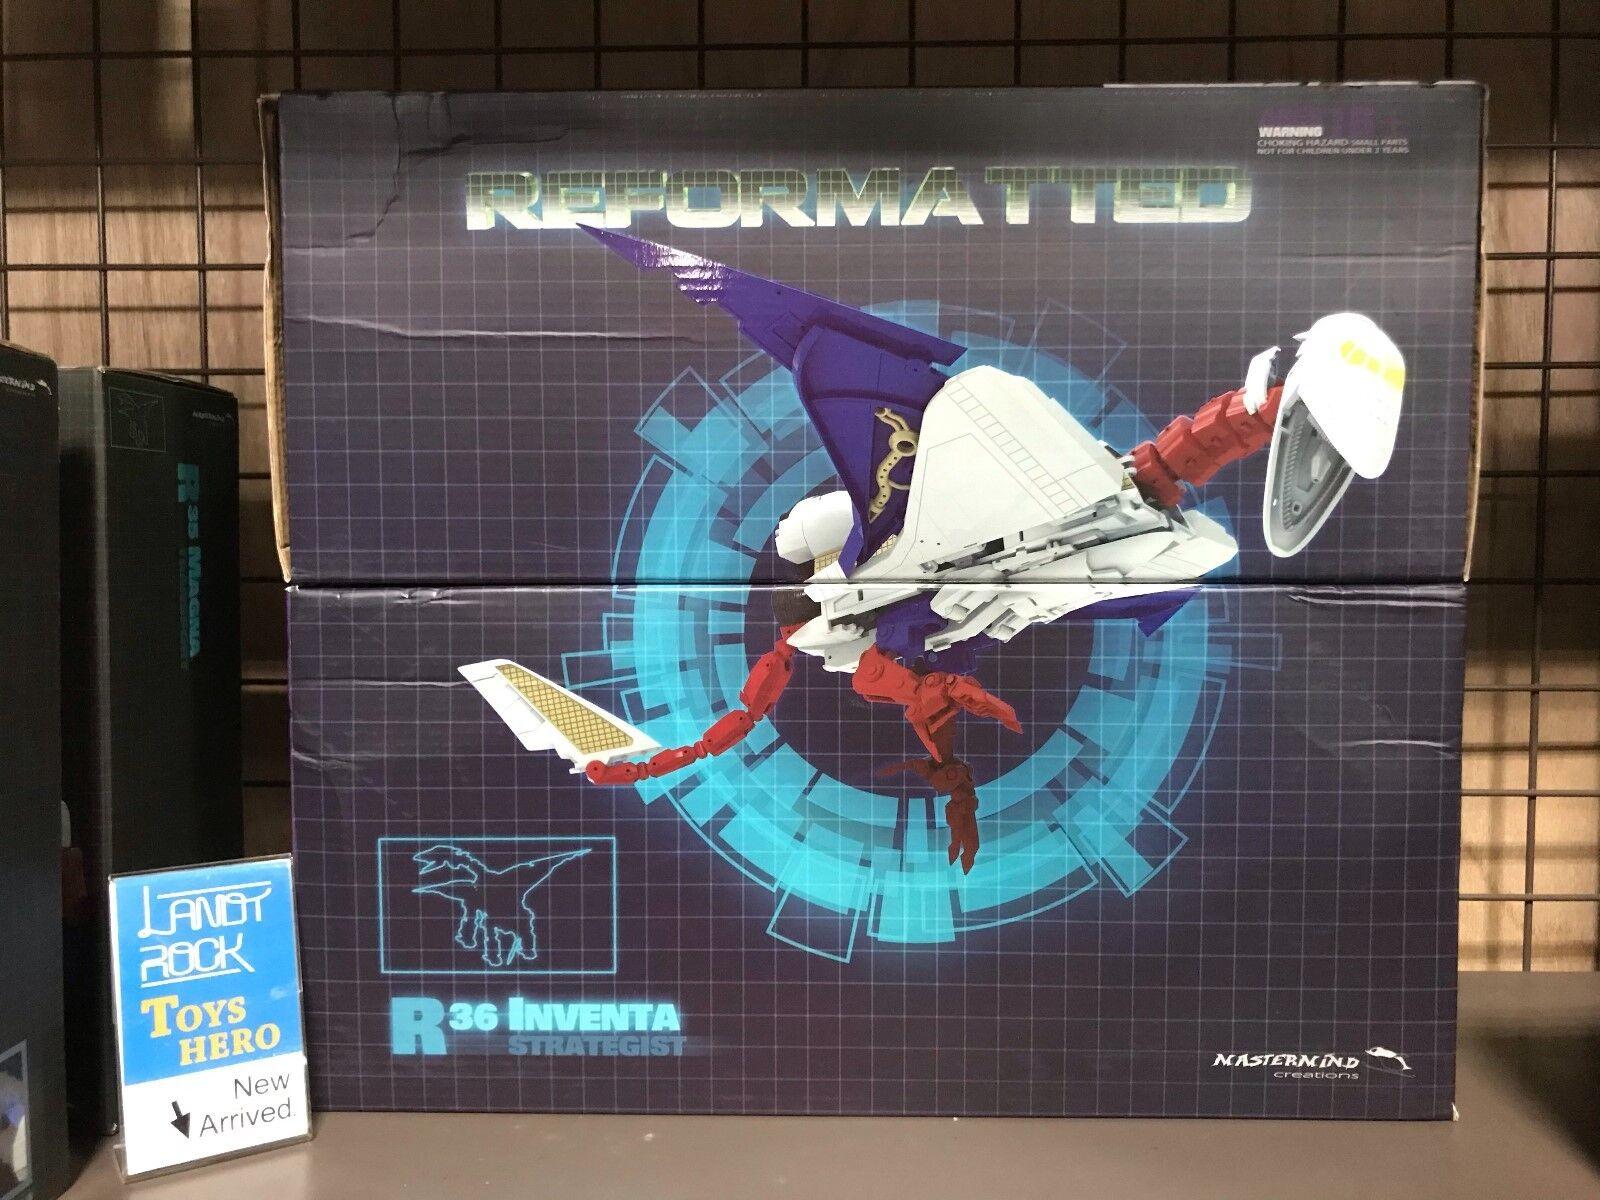 [giocattoli Hero] In He MASTERMIND CREATIONS R-36  INVENTA cieloLYNX PART B R36  le migliori marche vendono a buon mercato